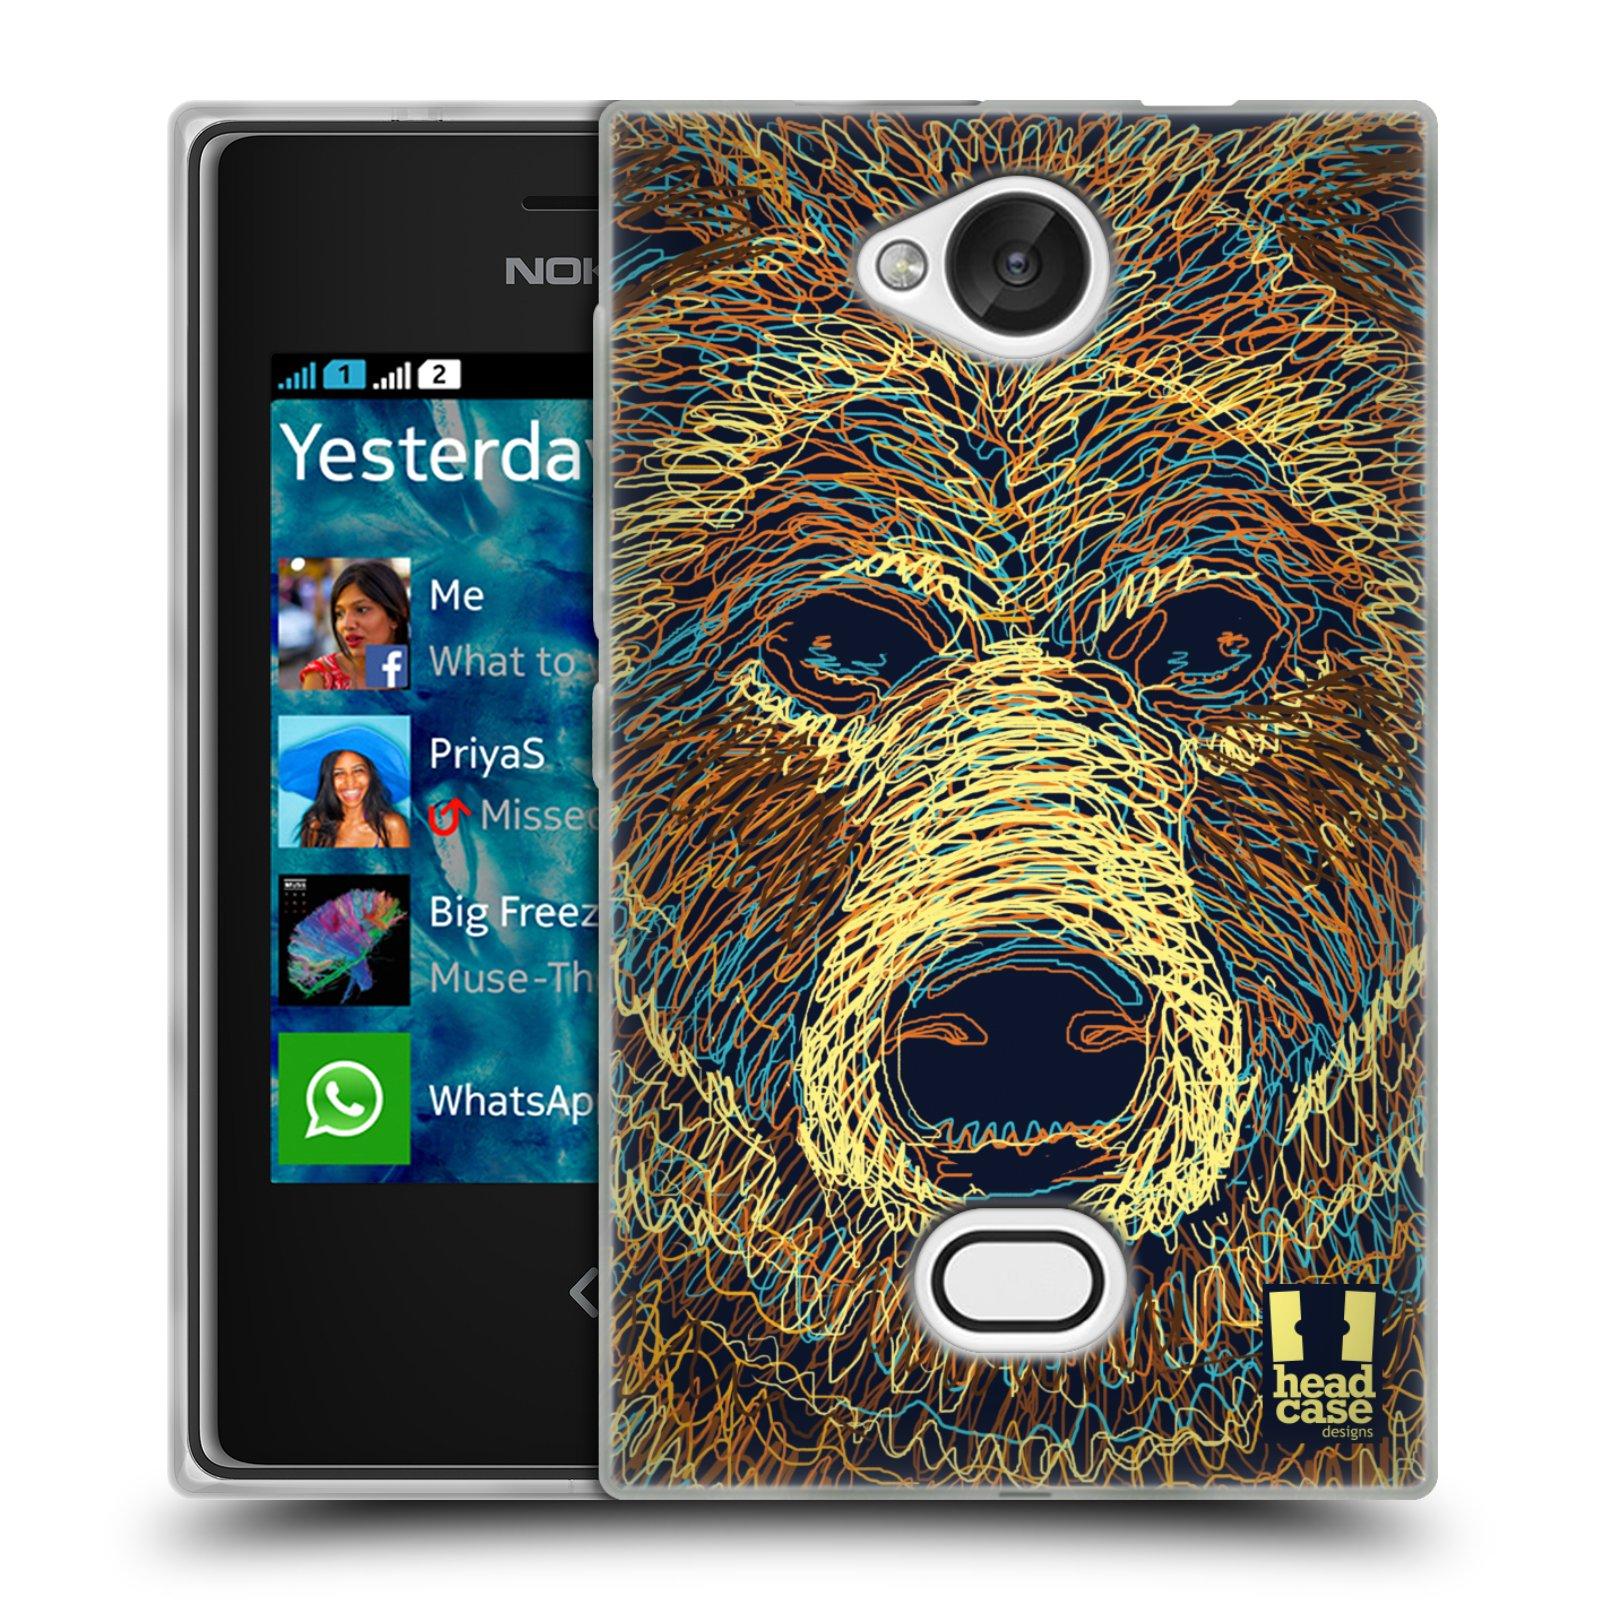 HEAD CASE silikonový obal na mobil NOKIA Asha 503 vzor zvíře čmáranice medvěd